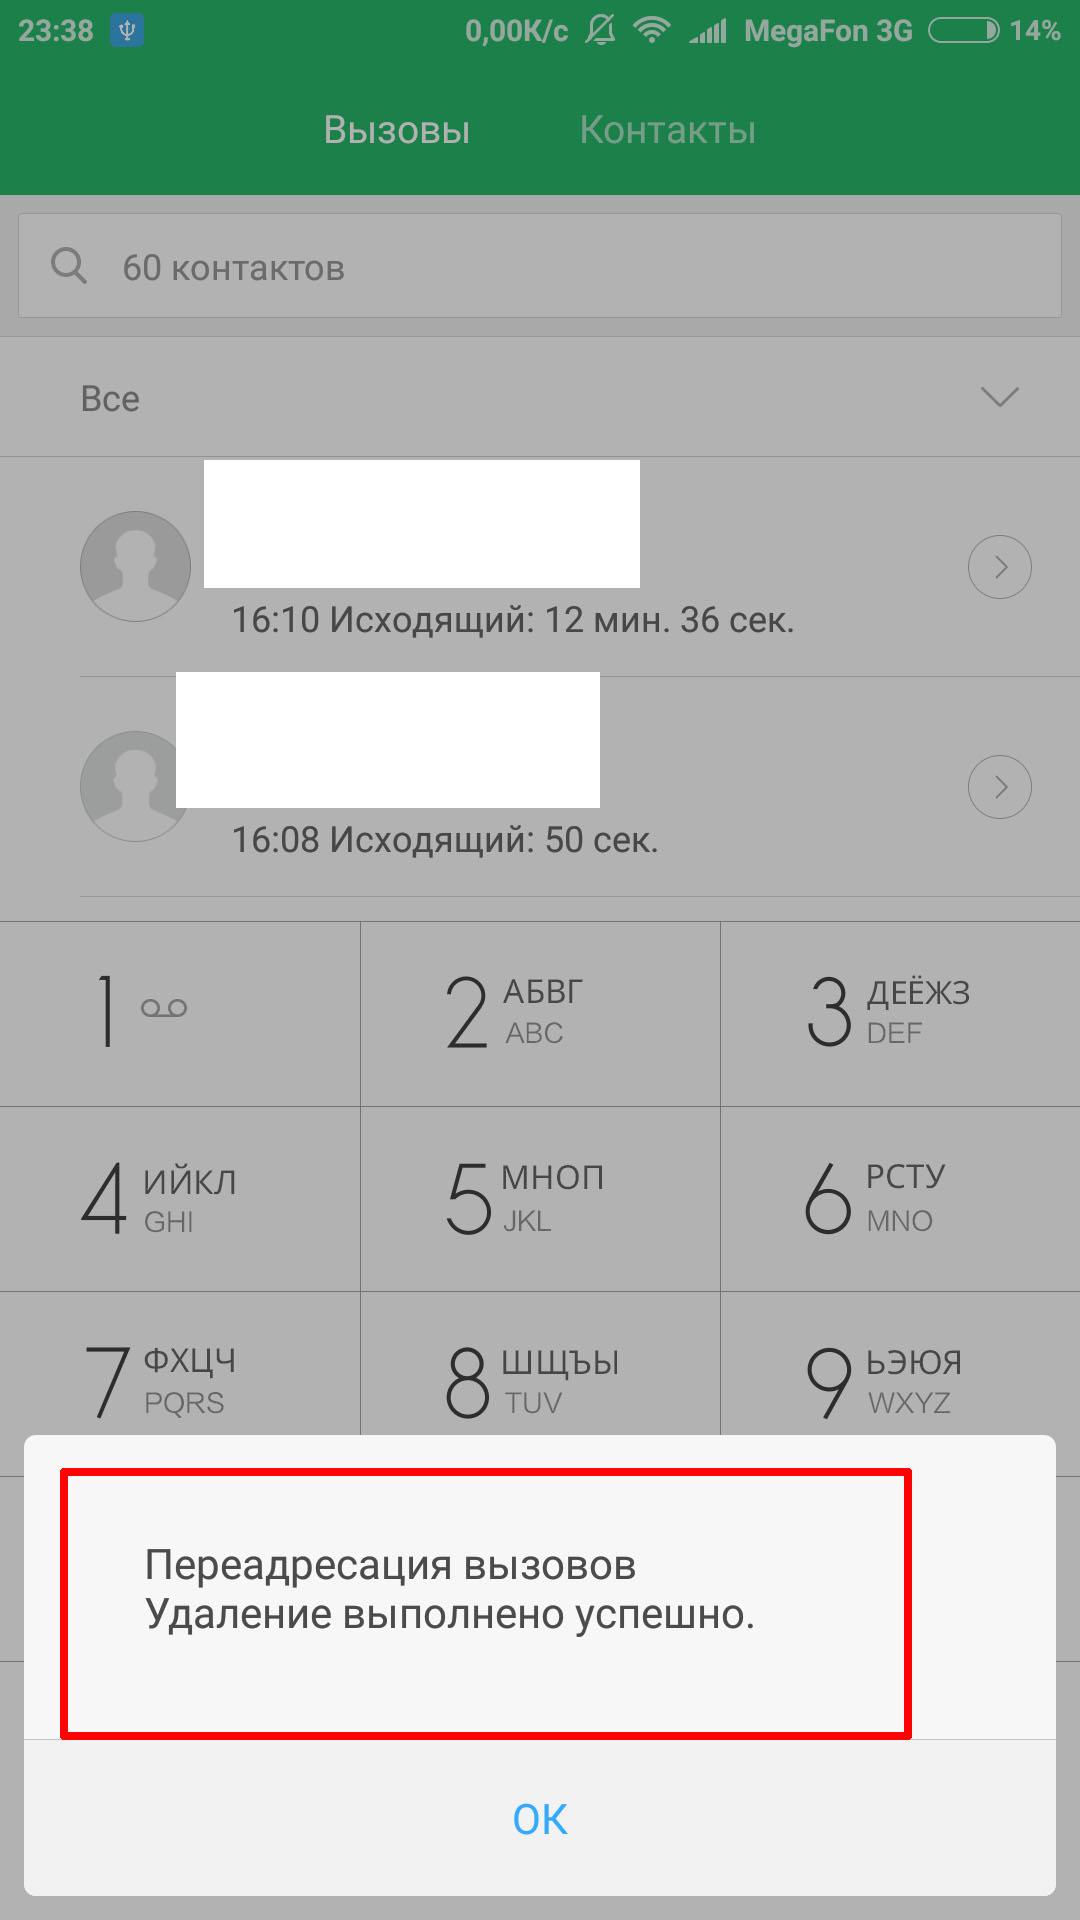 Как сделать переадресацию звонков? Как поставить переадресацию вызовов